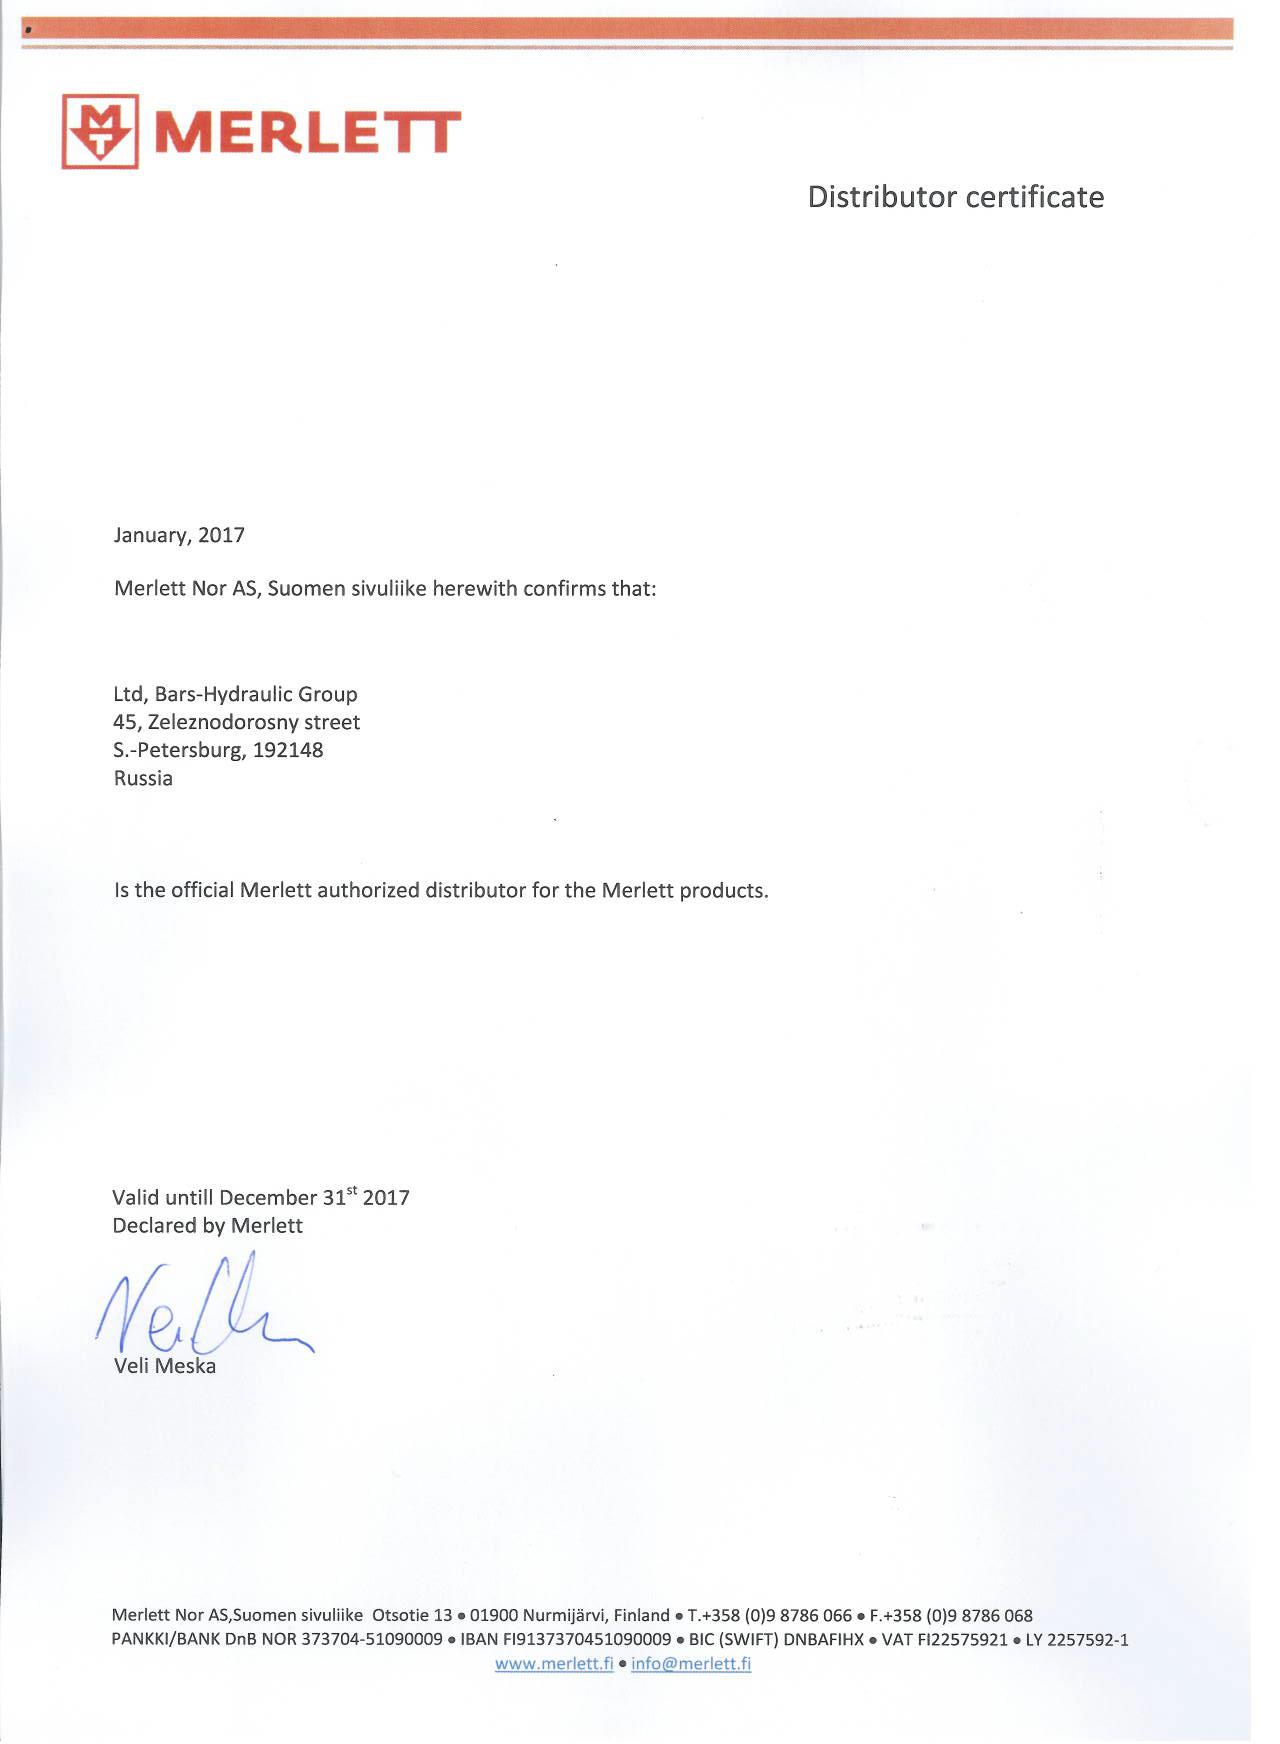 Сертификат MERLETT